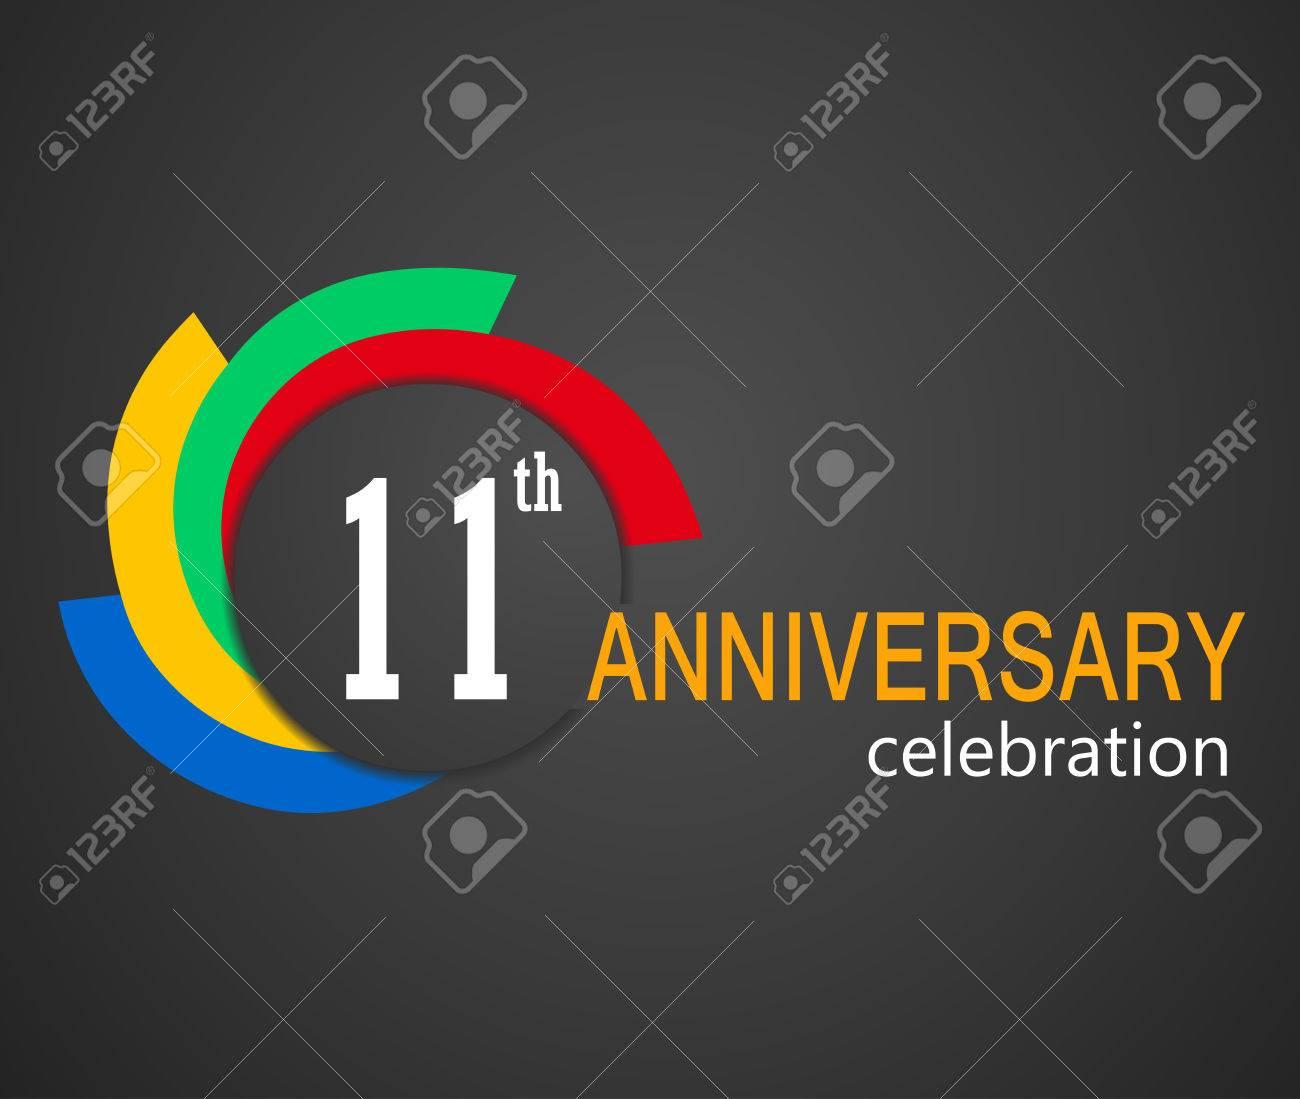 11th anniversary celebration background 11 years anniversary